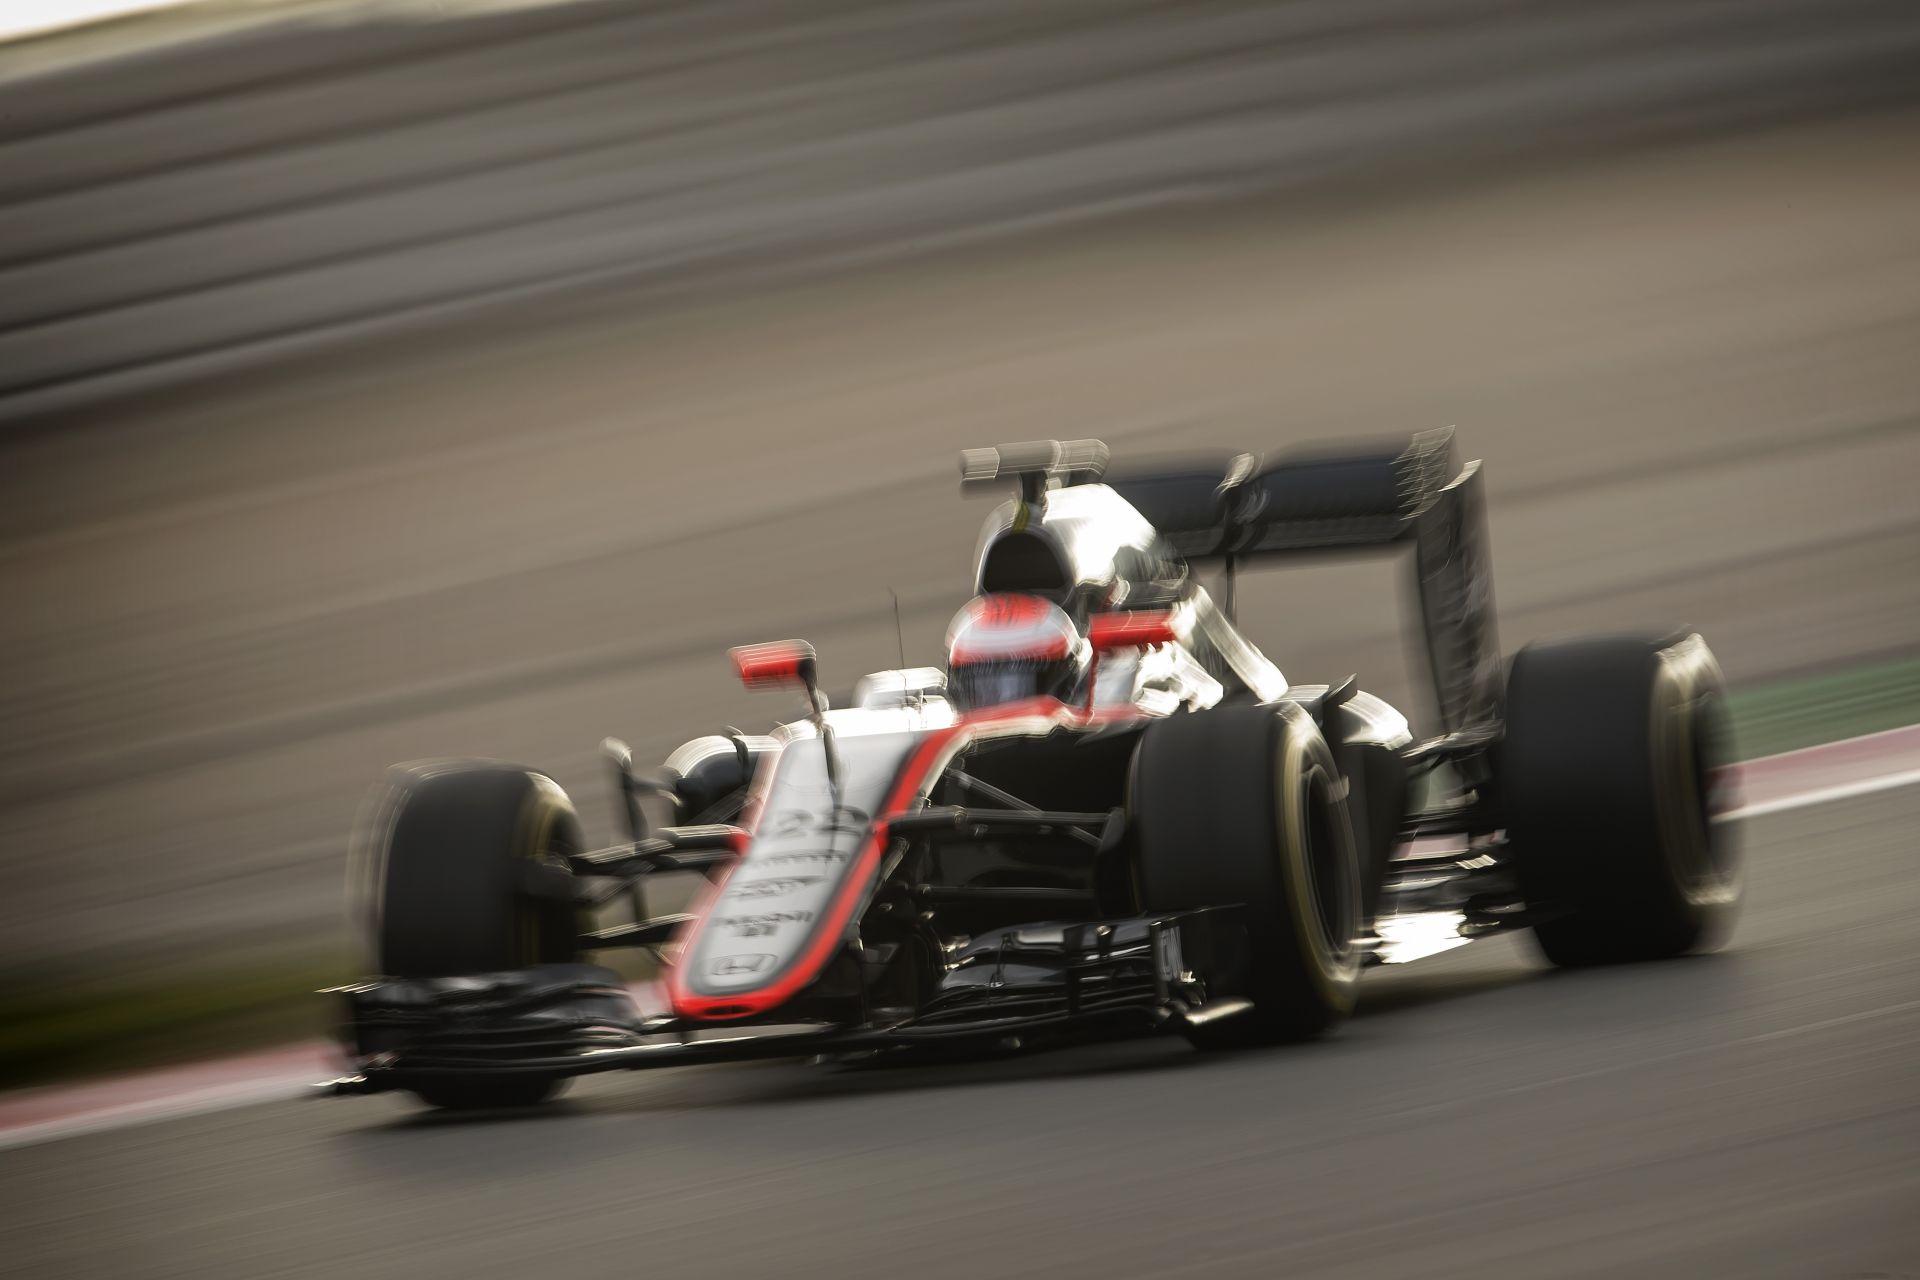 F1-es statisztikák a barcelonai tesztről: A McLaren és a Honda nagyon gyenge